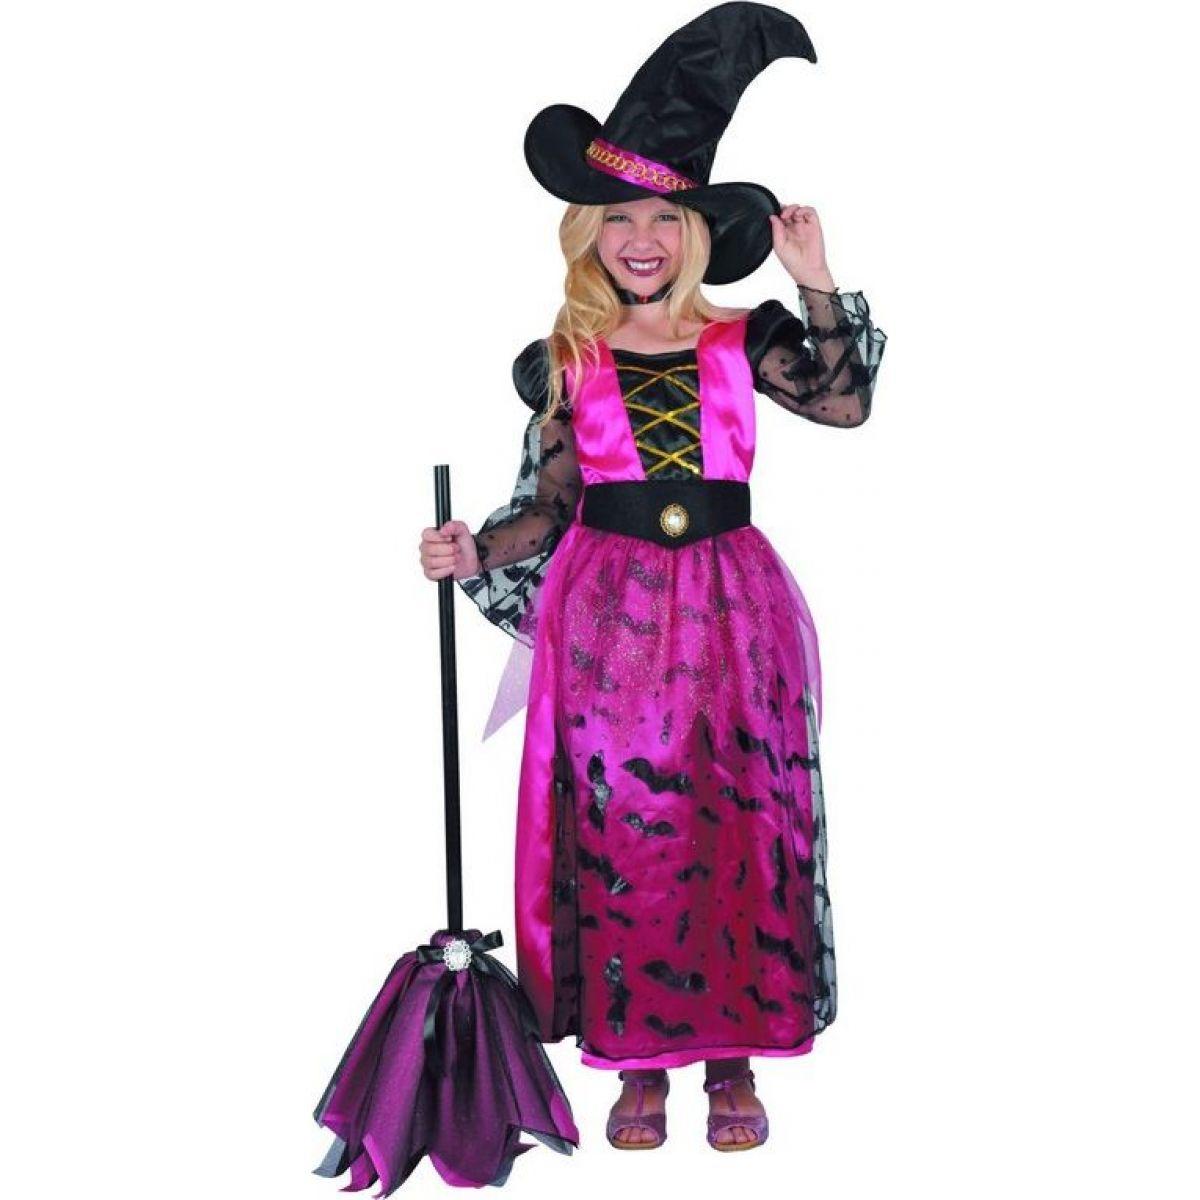 Made Dětský karnevalový kostým Čarodějka 120-130 cm